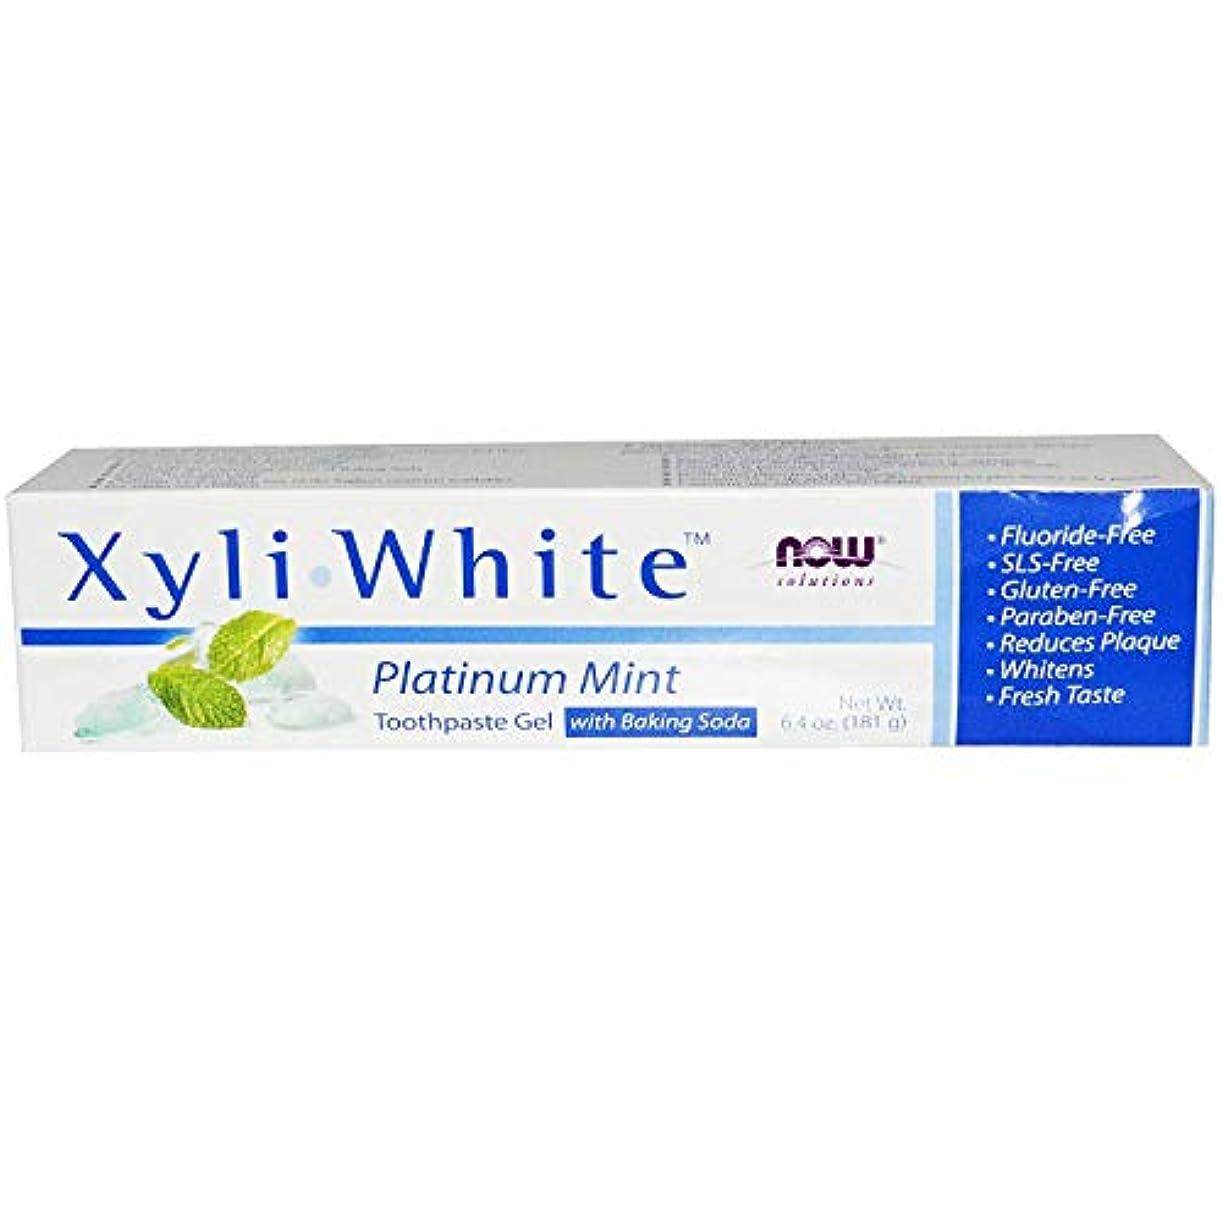 関係するバー特徴づけるNow Foods ナウフーズ キシリホワイト フッ素不使用歯磨きジェル (プラチナミント) 181g [並行輸入品]